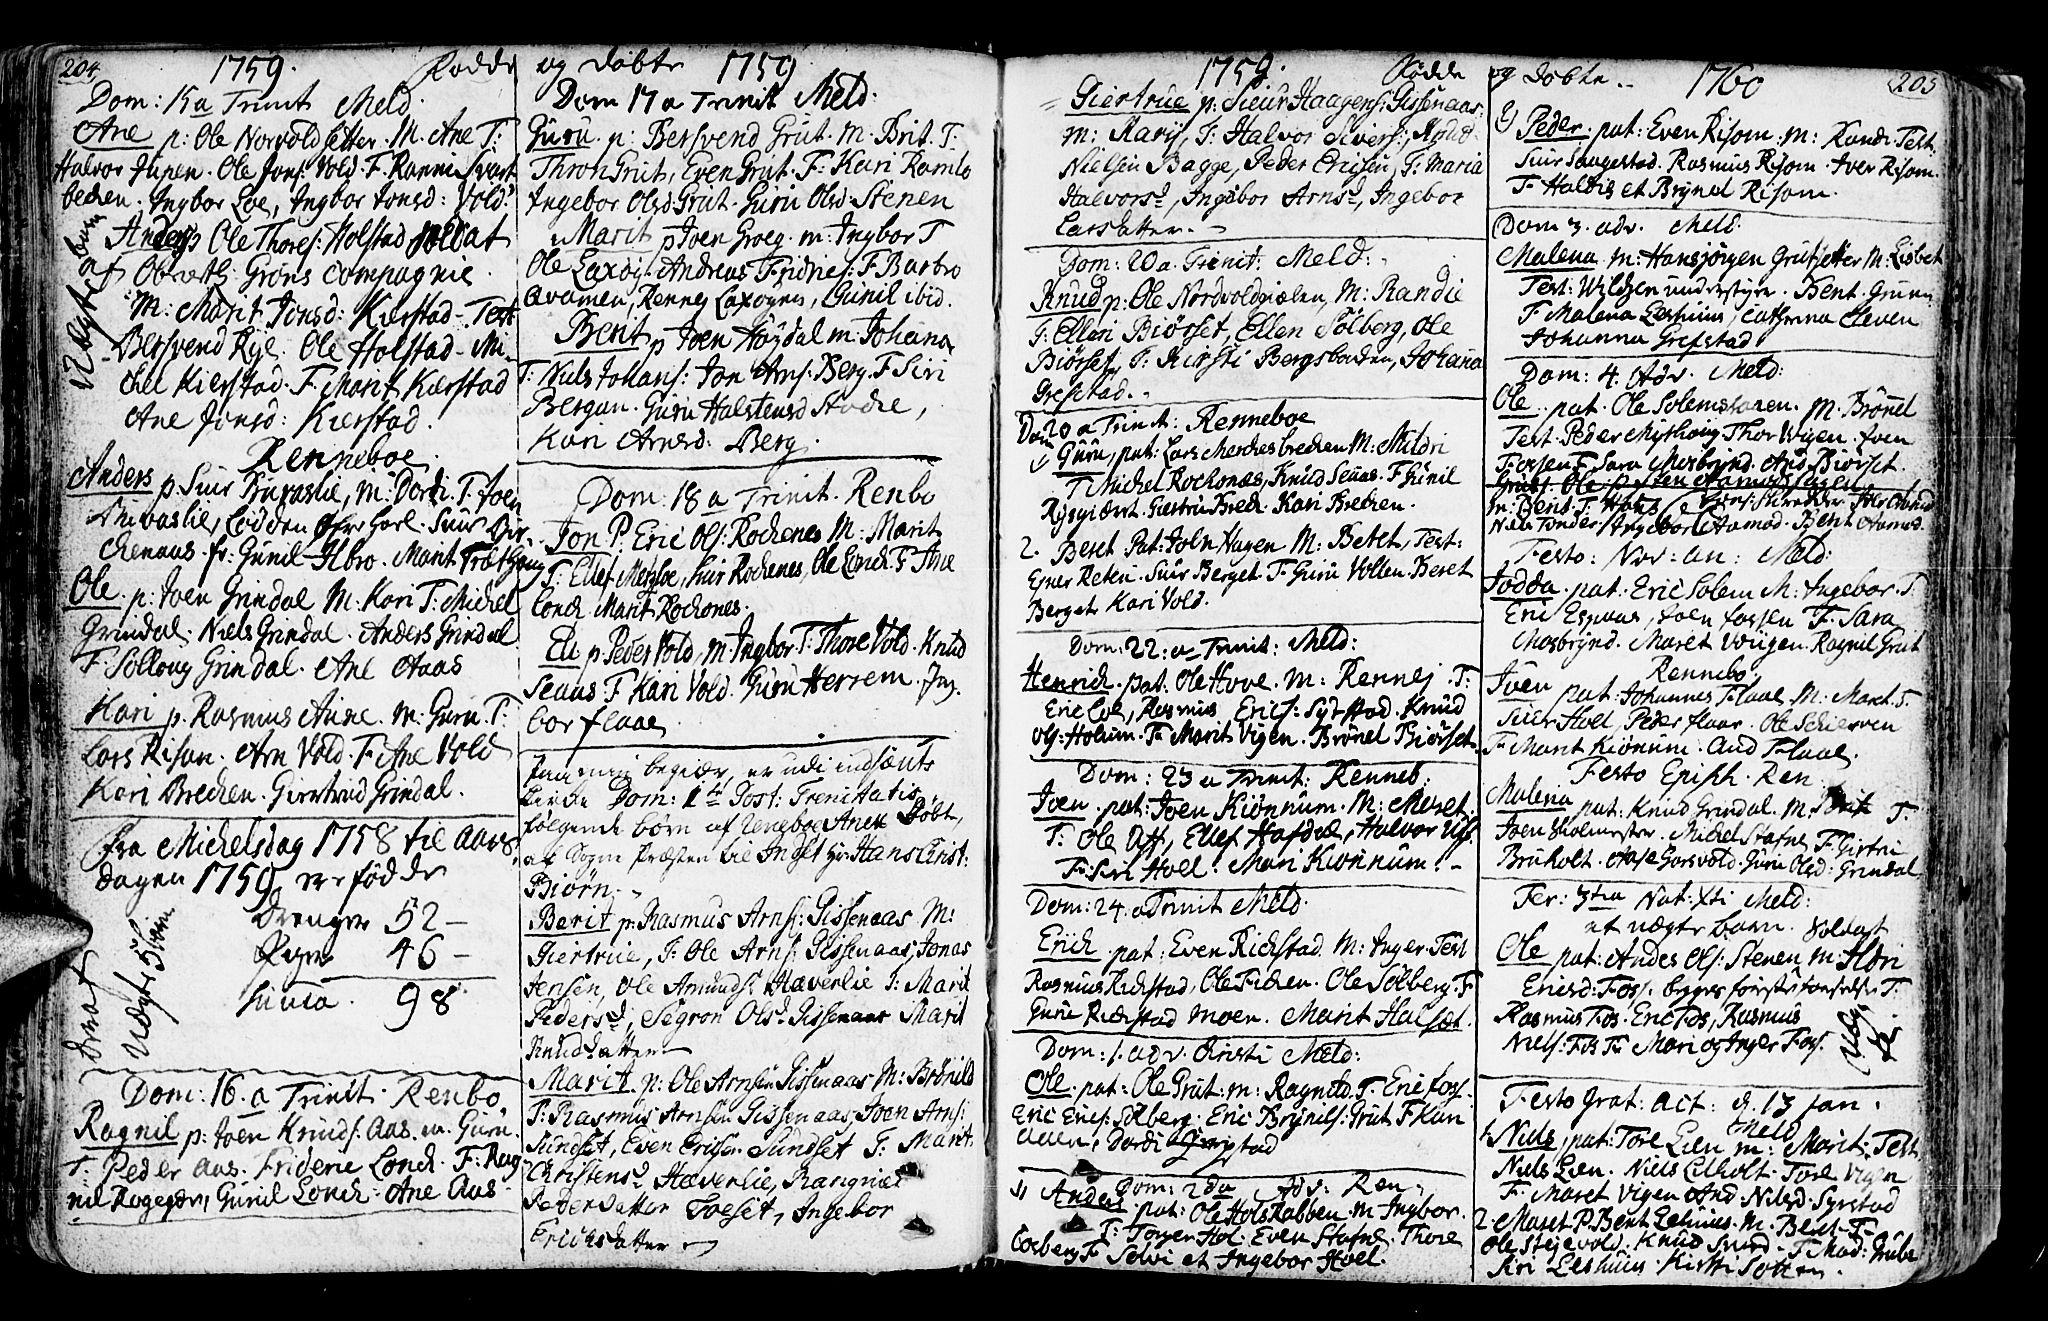 SAT, Ministerialprotokoller, klokkerbøker og fødselsregistre - Sør-Trøndelag, 672/L0851: Ministerialbok nr. 672A04, 1751-1775, s. 204-205